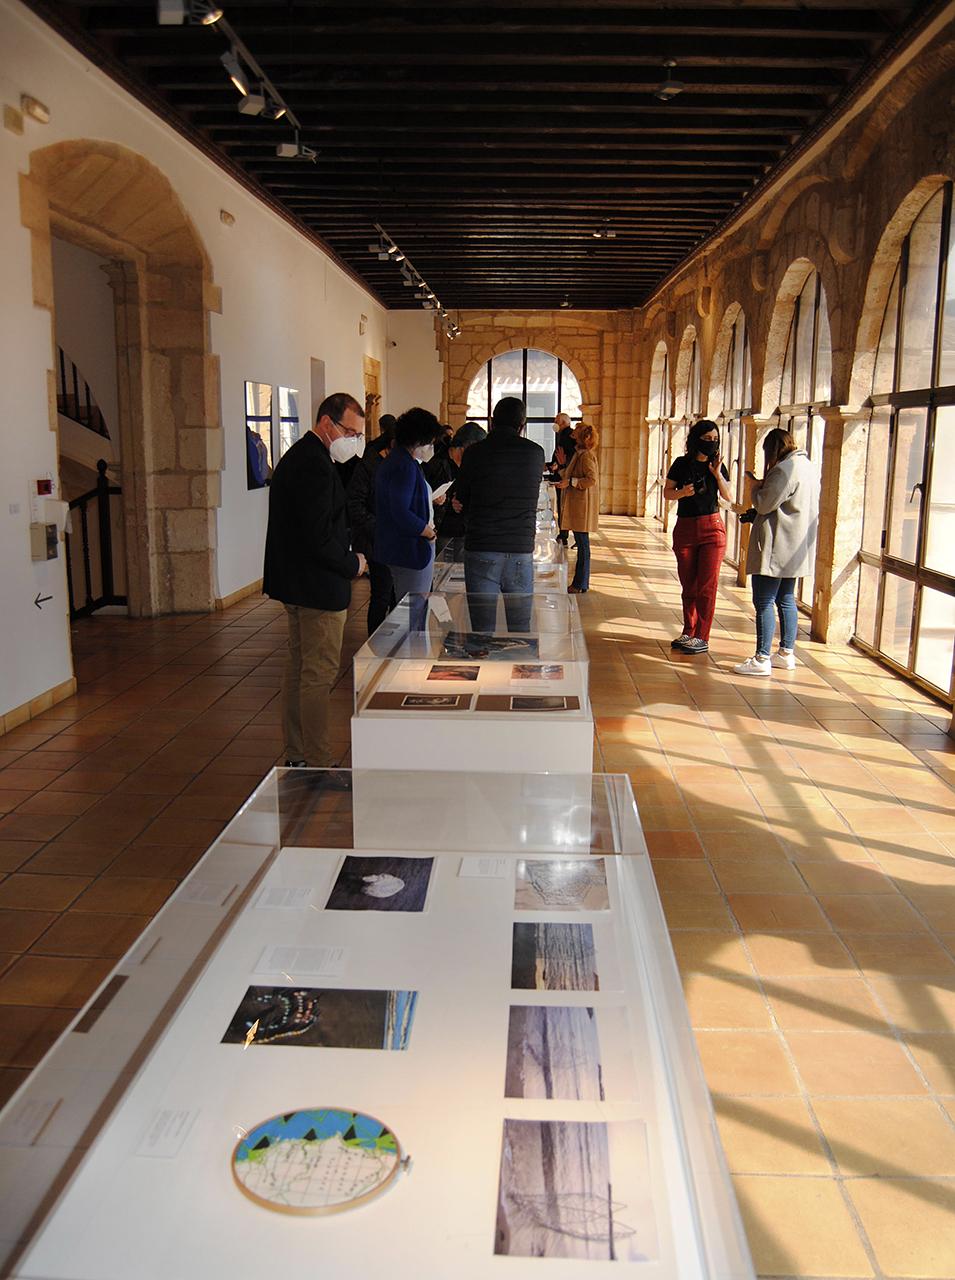 La exposición reúne a 60 artistas, unos 20 de ellos estudiantes de Bellas Artes y el resto profesores de la misma Facultad